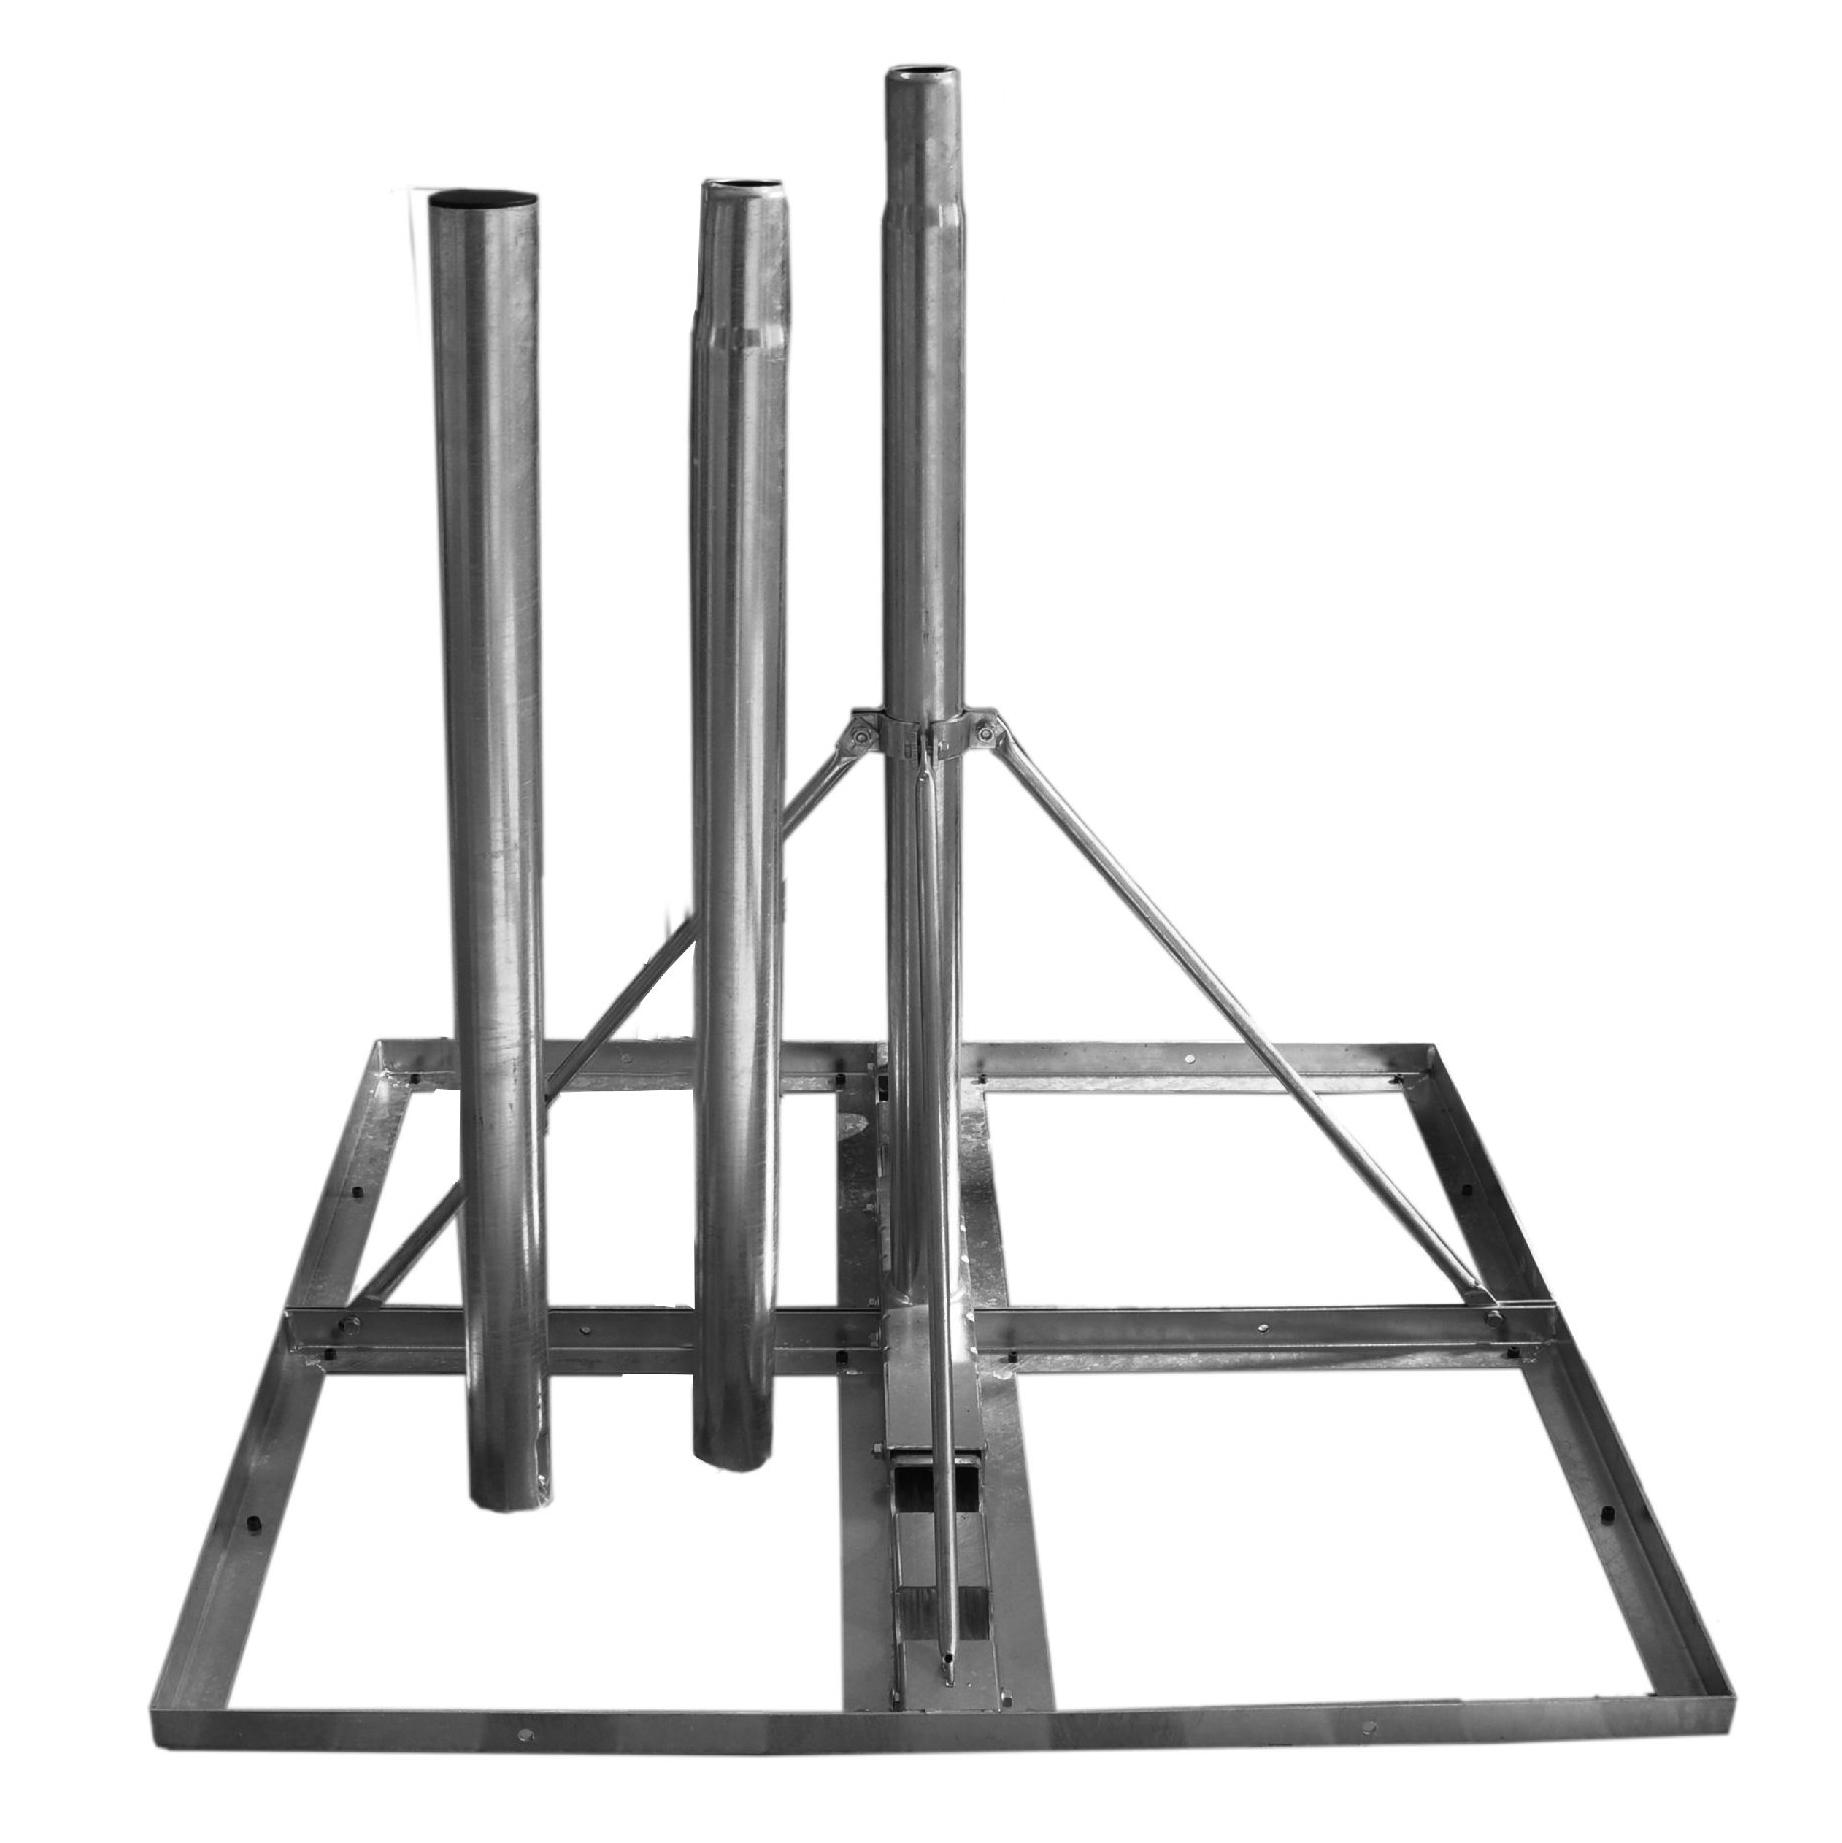 1 Stk SAT Flachdach-Ständer,f. 4xBeton 50x50cm, Mast=300cm, Stahl HSATMF30S-